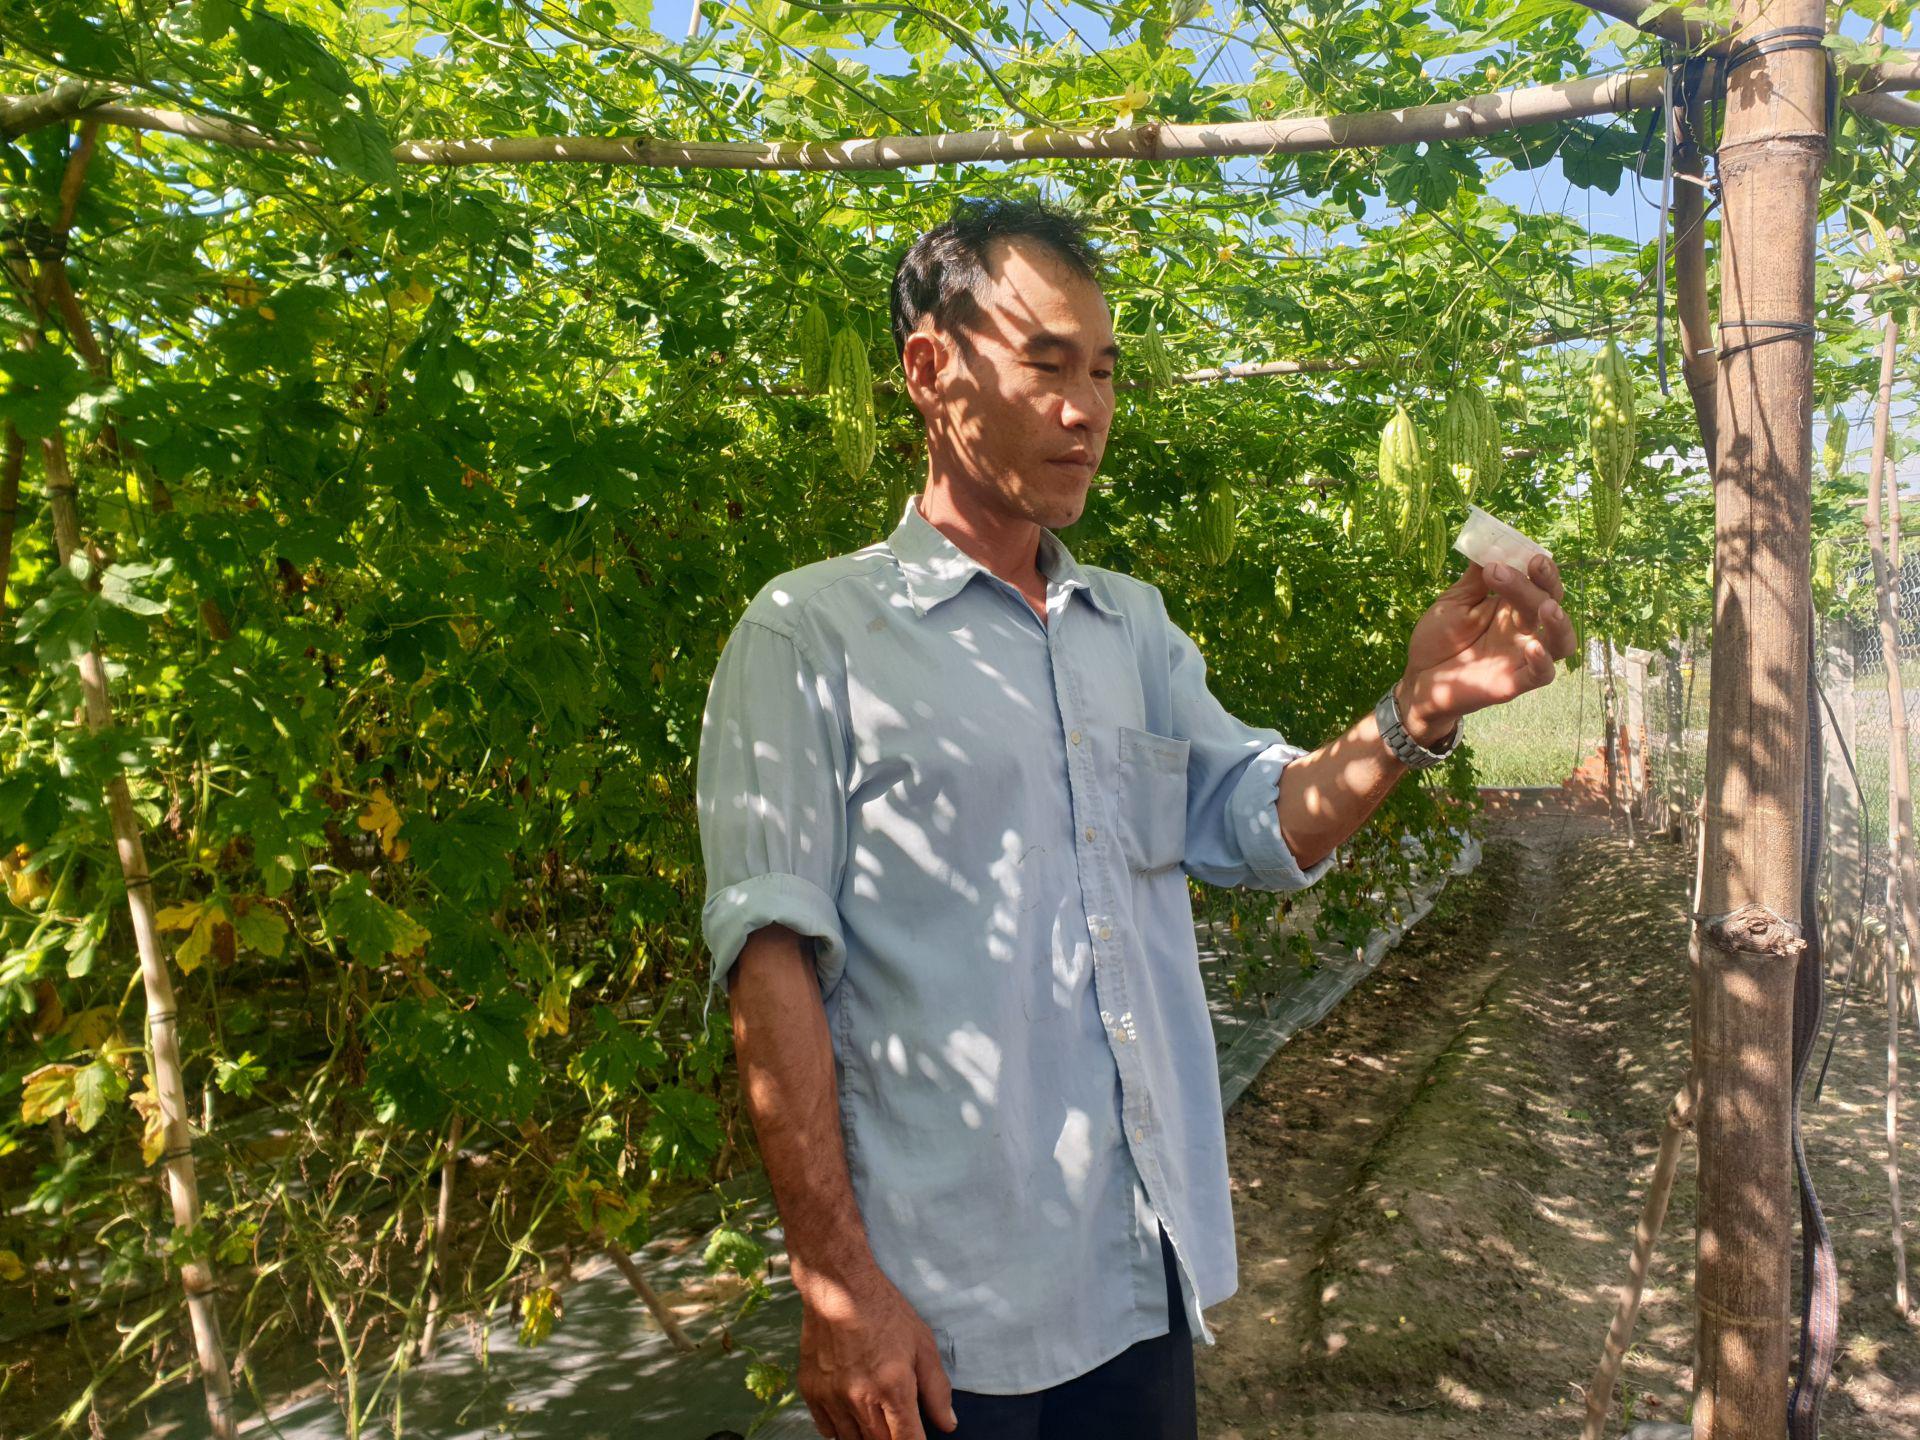 Tây Ninh: Ông nông dân dùng thứ cây có mùi lạ để đuổi côn trùng, cây ra trái bự ngon sạch không có mà bán - Ảnh 1.